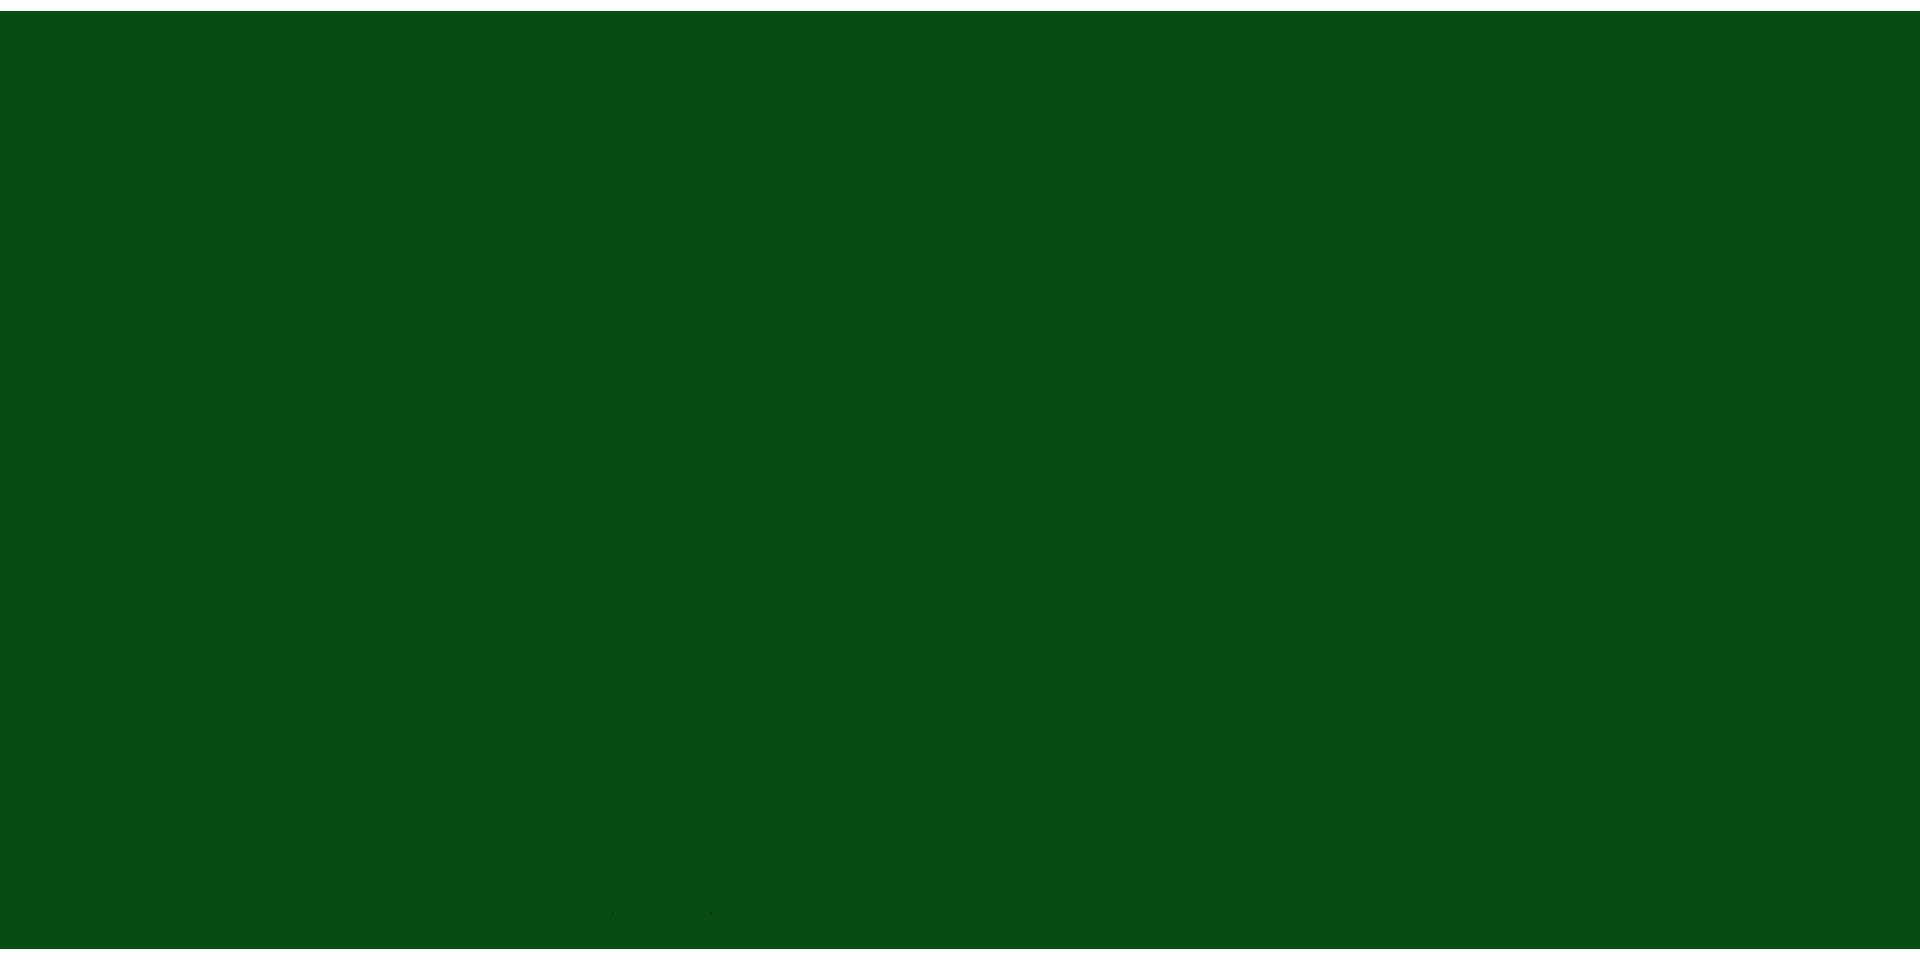 התנועה הסביבתית בישראל כמשאב לאומי